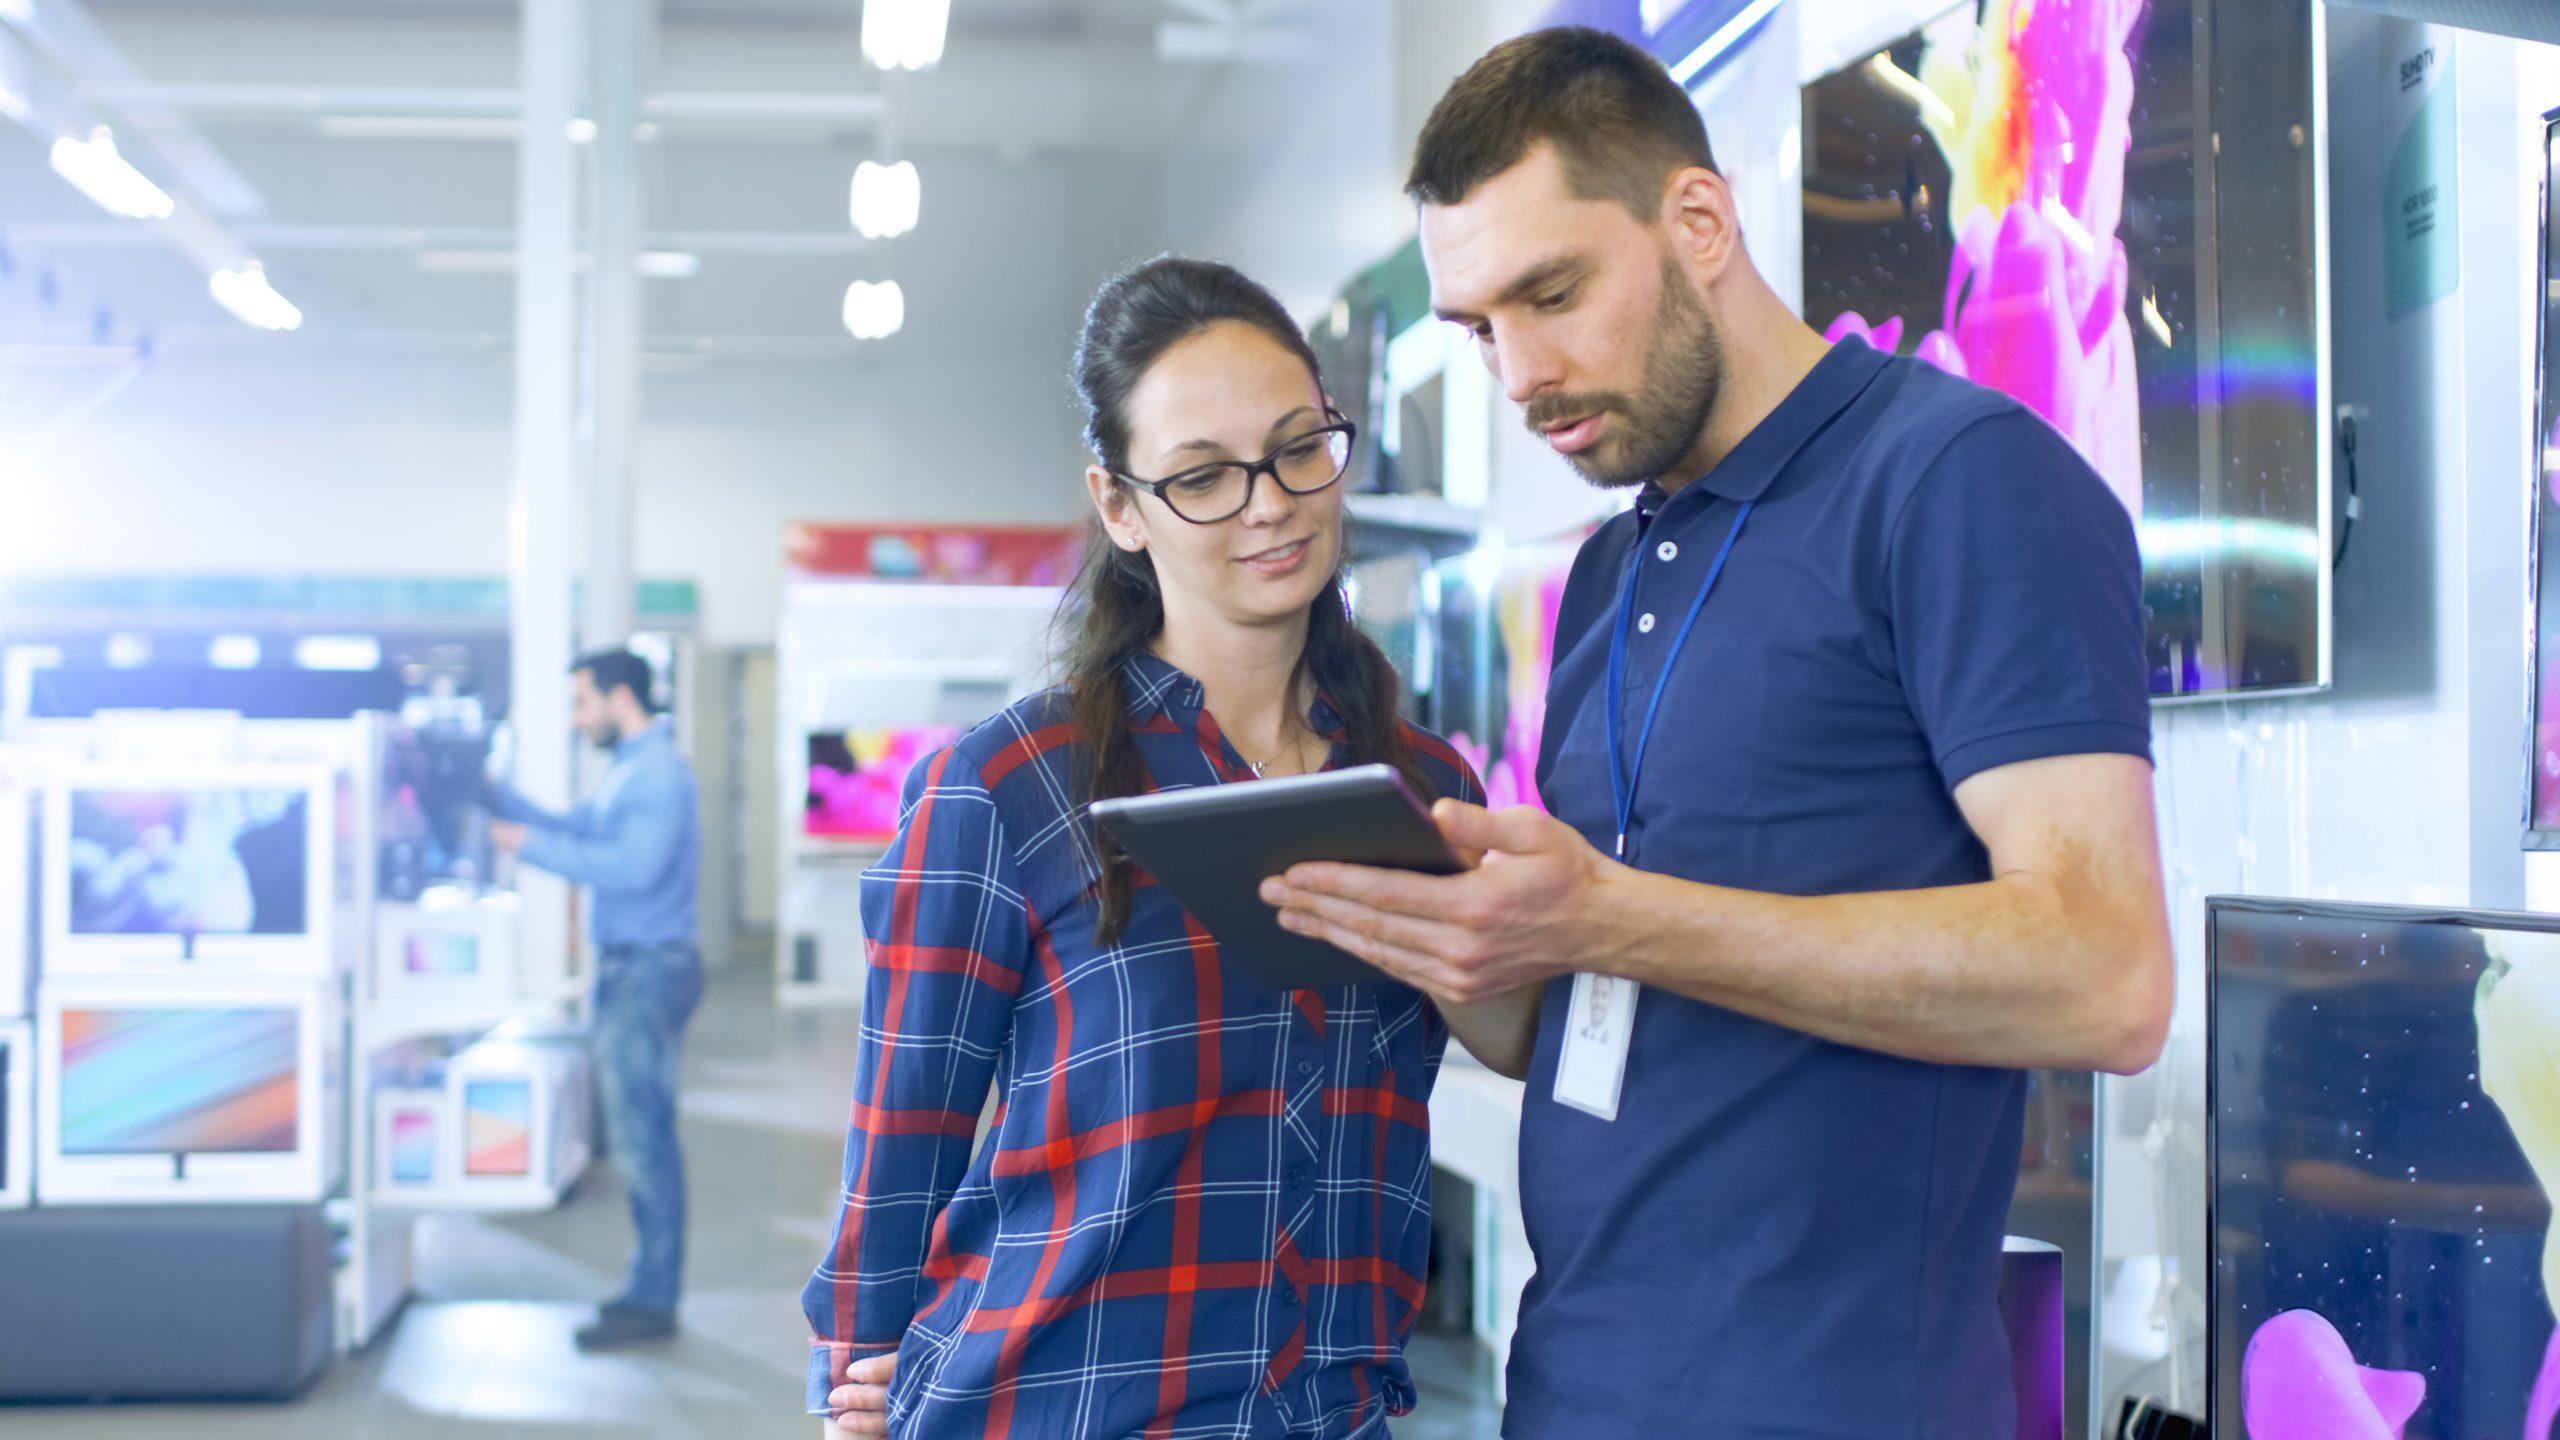 Vendeur dans un magasin avec sa tablette et une cliente